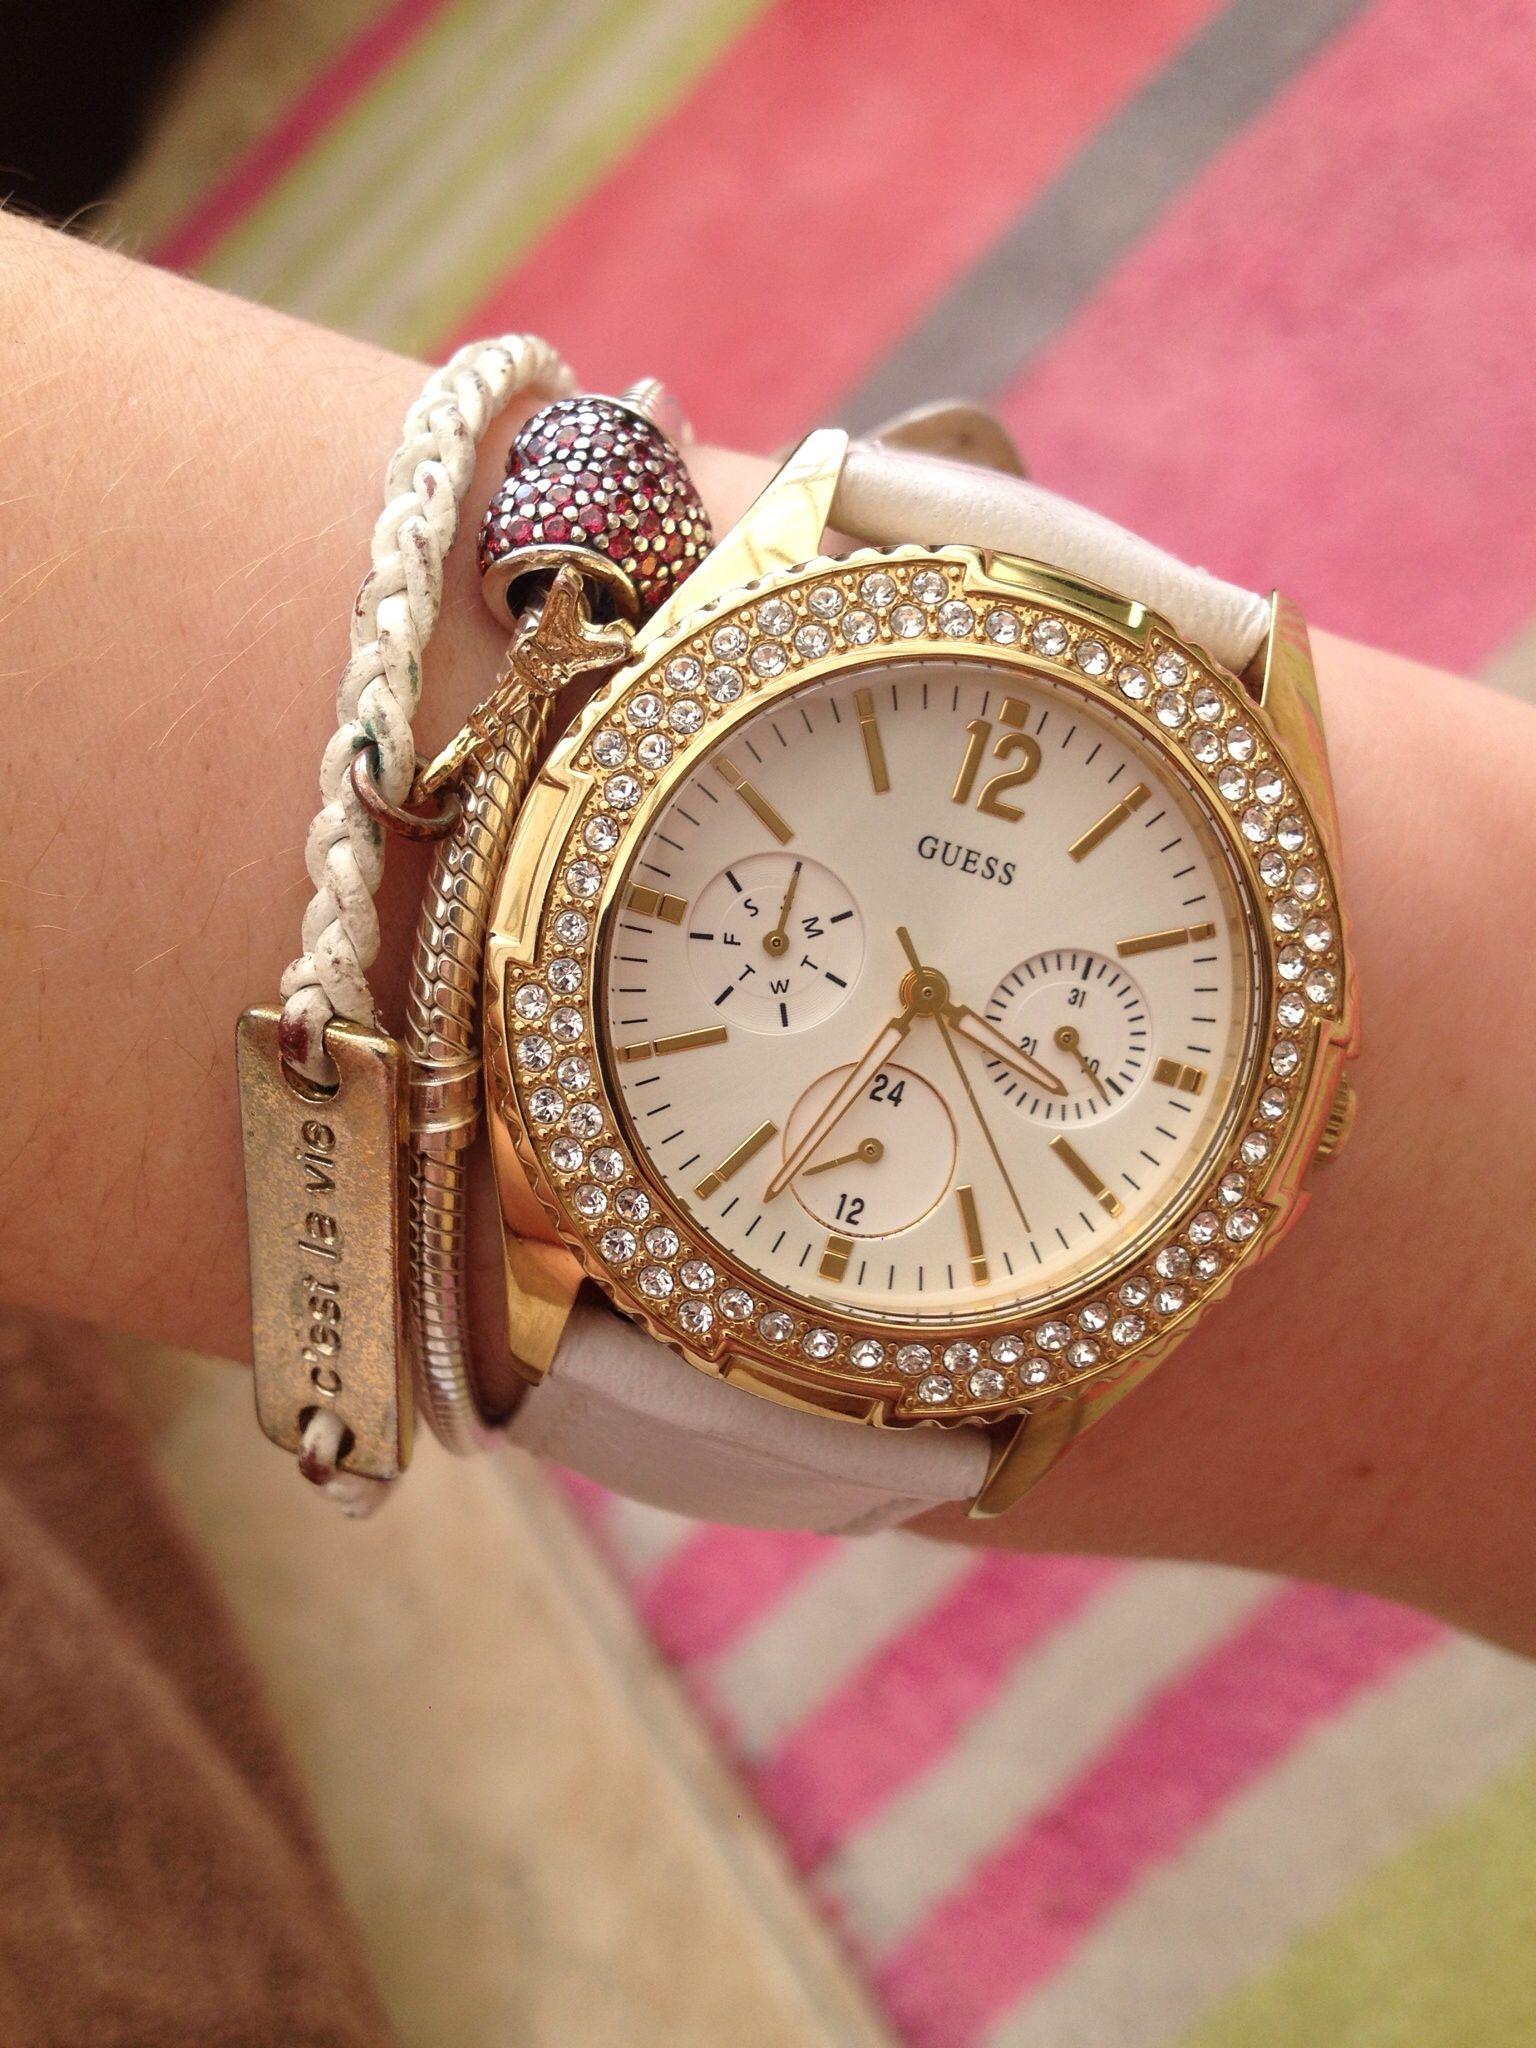 339ca282 Guess watch + Pandora bracelet. Găsește acest Pin și încă altele în ceasuri  de mana ...